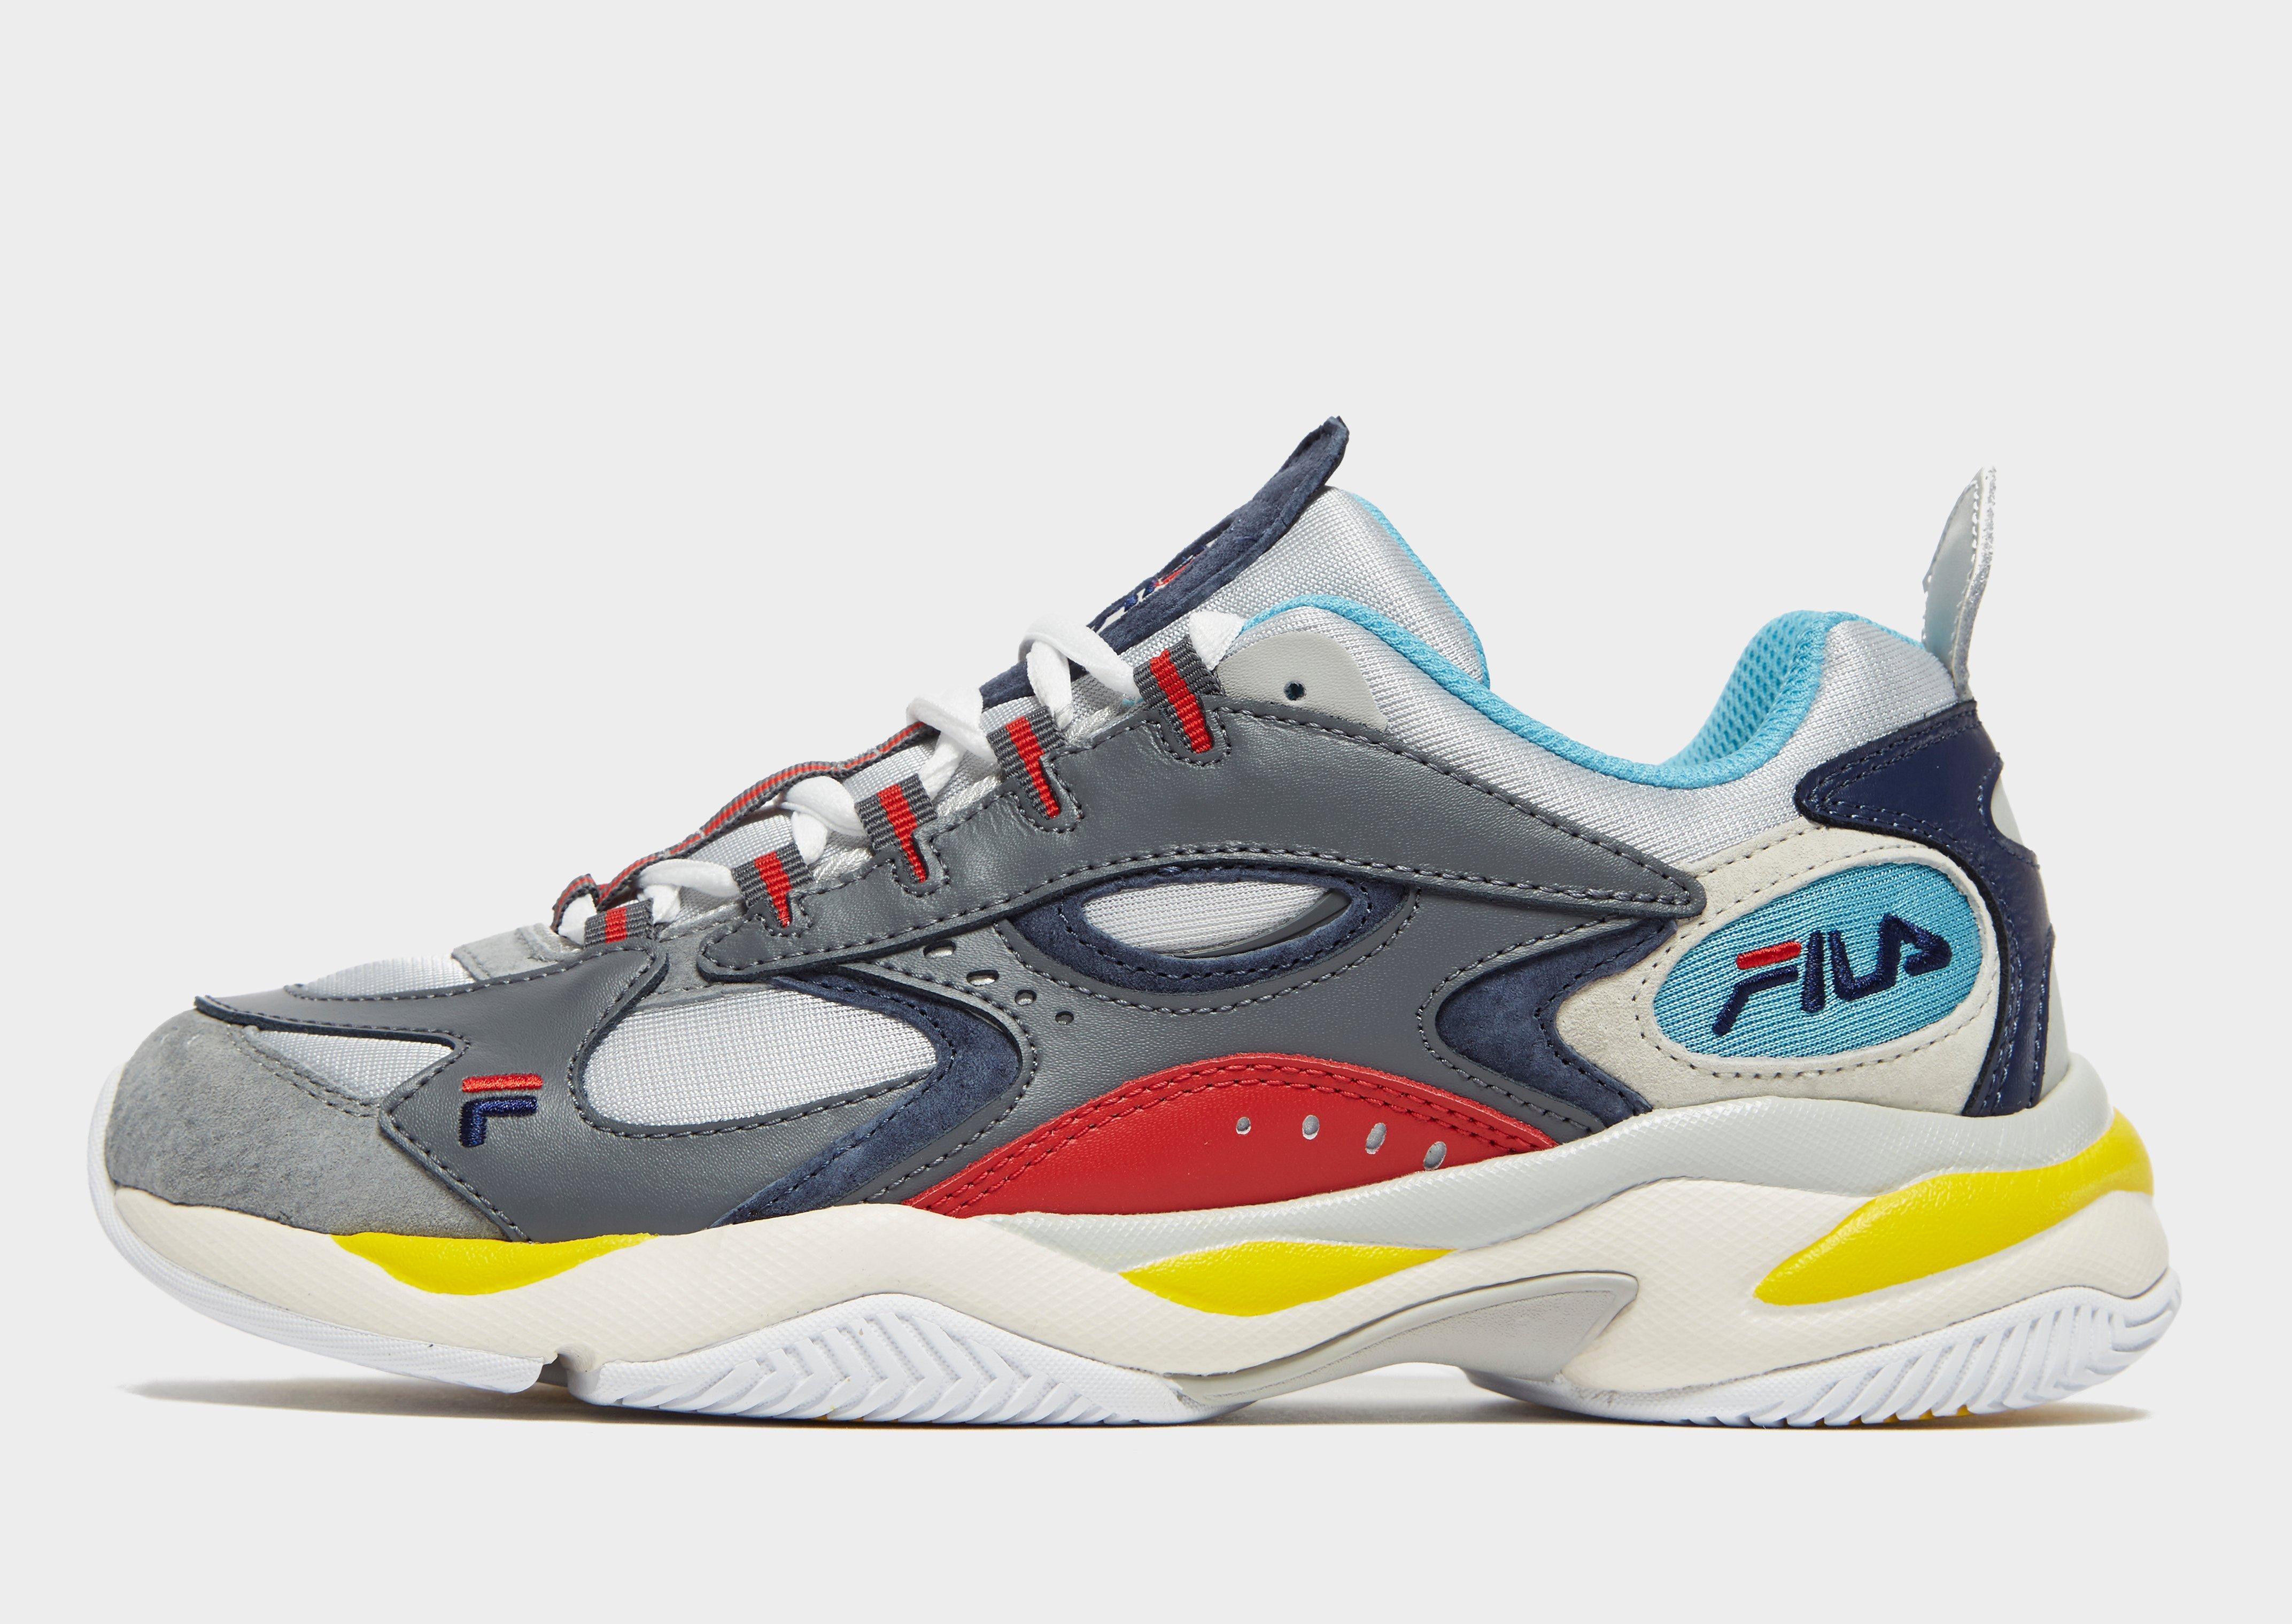 NEUF FILA HOMME Lightweight Boveasorus chaussures de sports